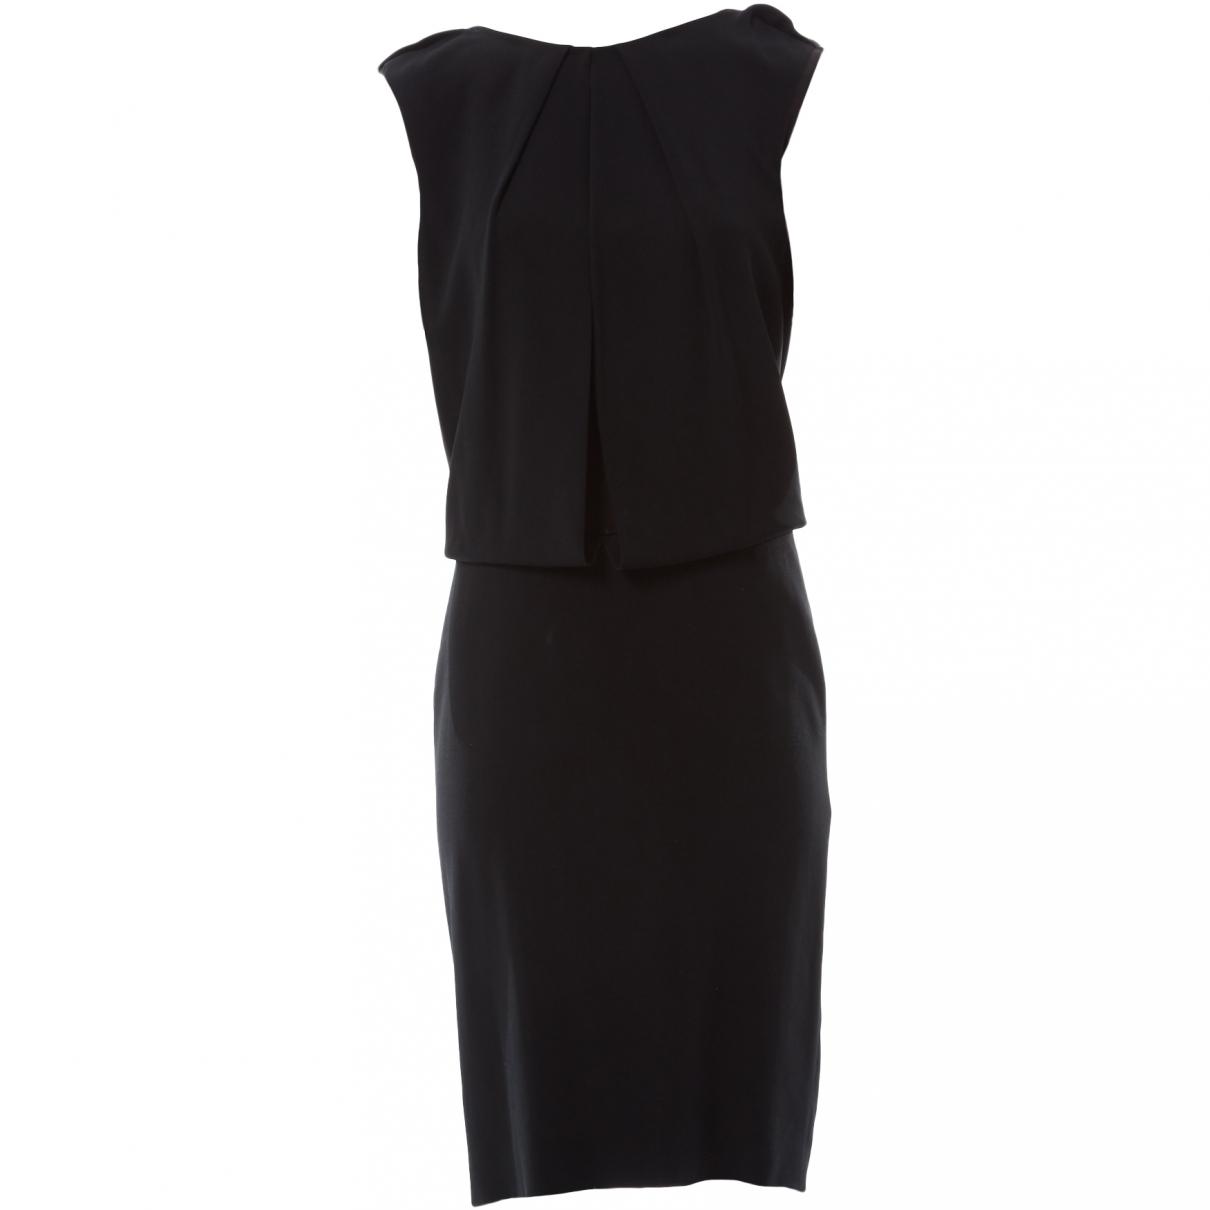 Tom Ford \N Black dress for Women 42 IT